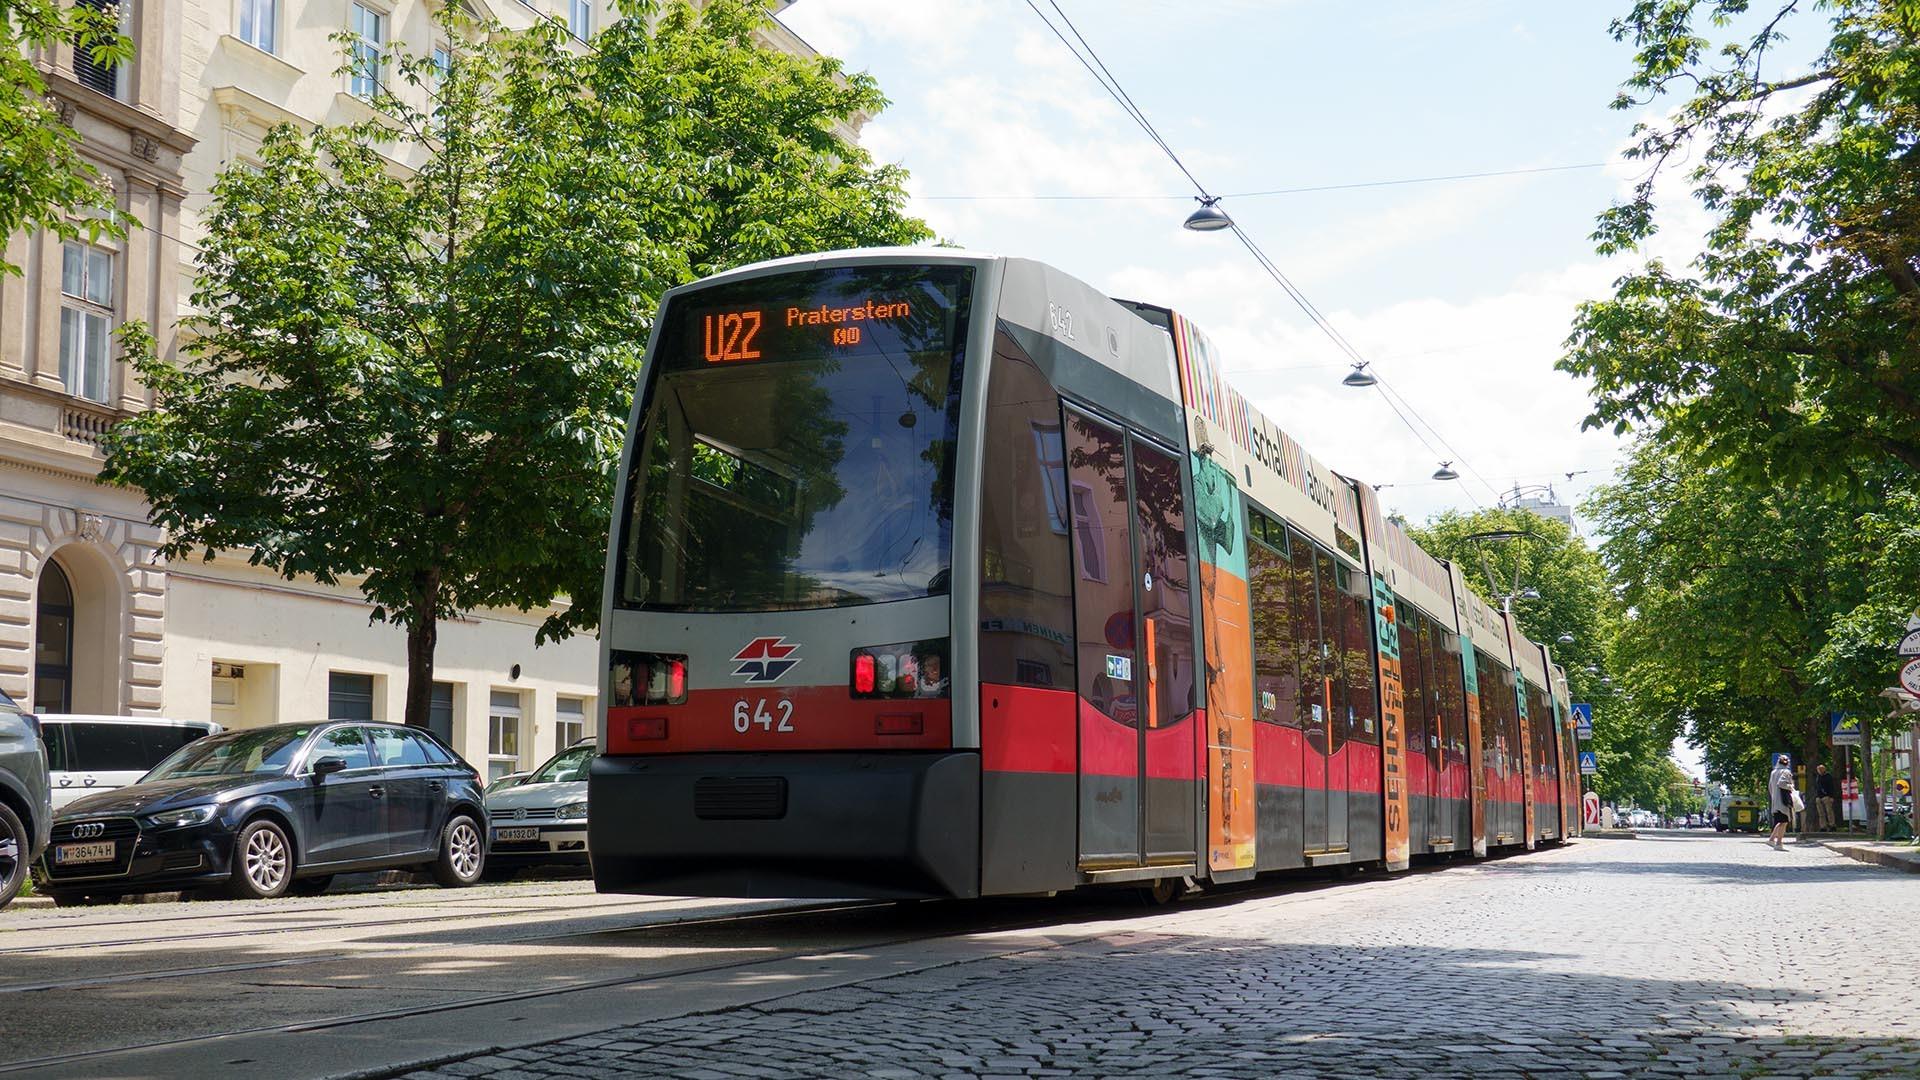 https://public-transport.net/tram/Wien2021/U2Z_Praterstern/slides/9118_714.jpg